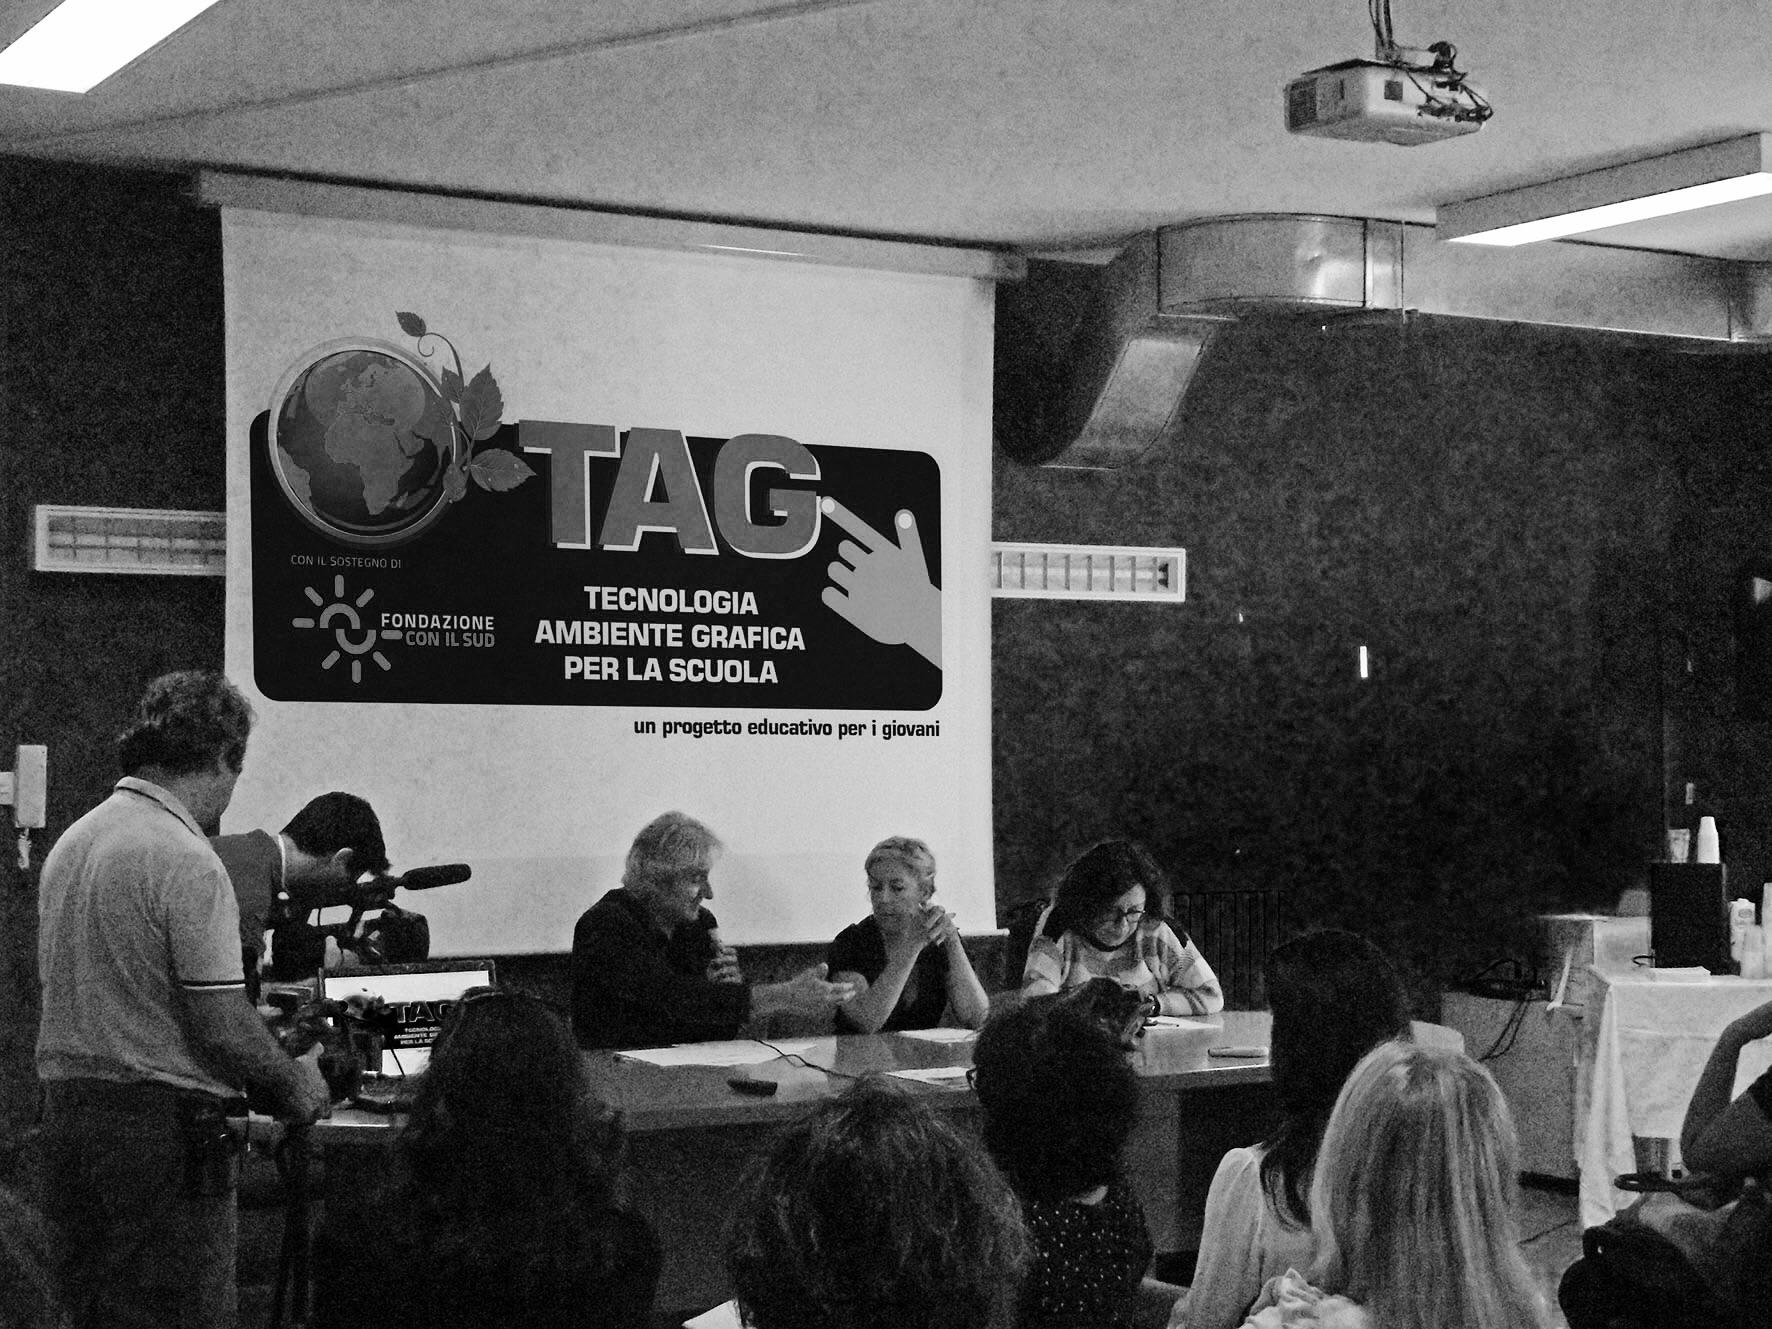 Nasce TAG! Un nuovo progetto educativo per i giovani